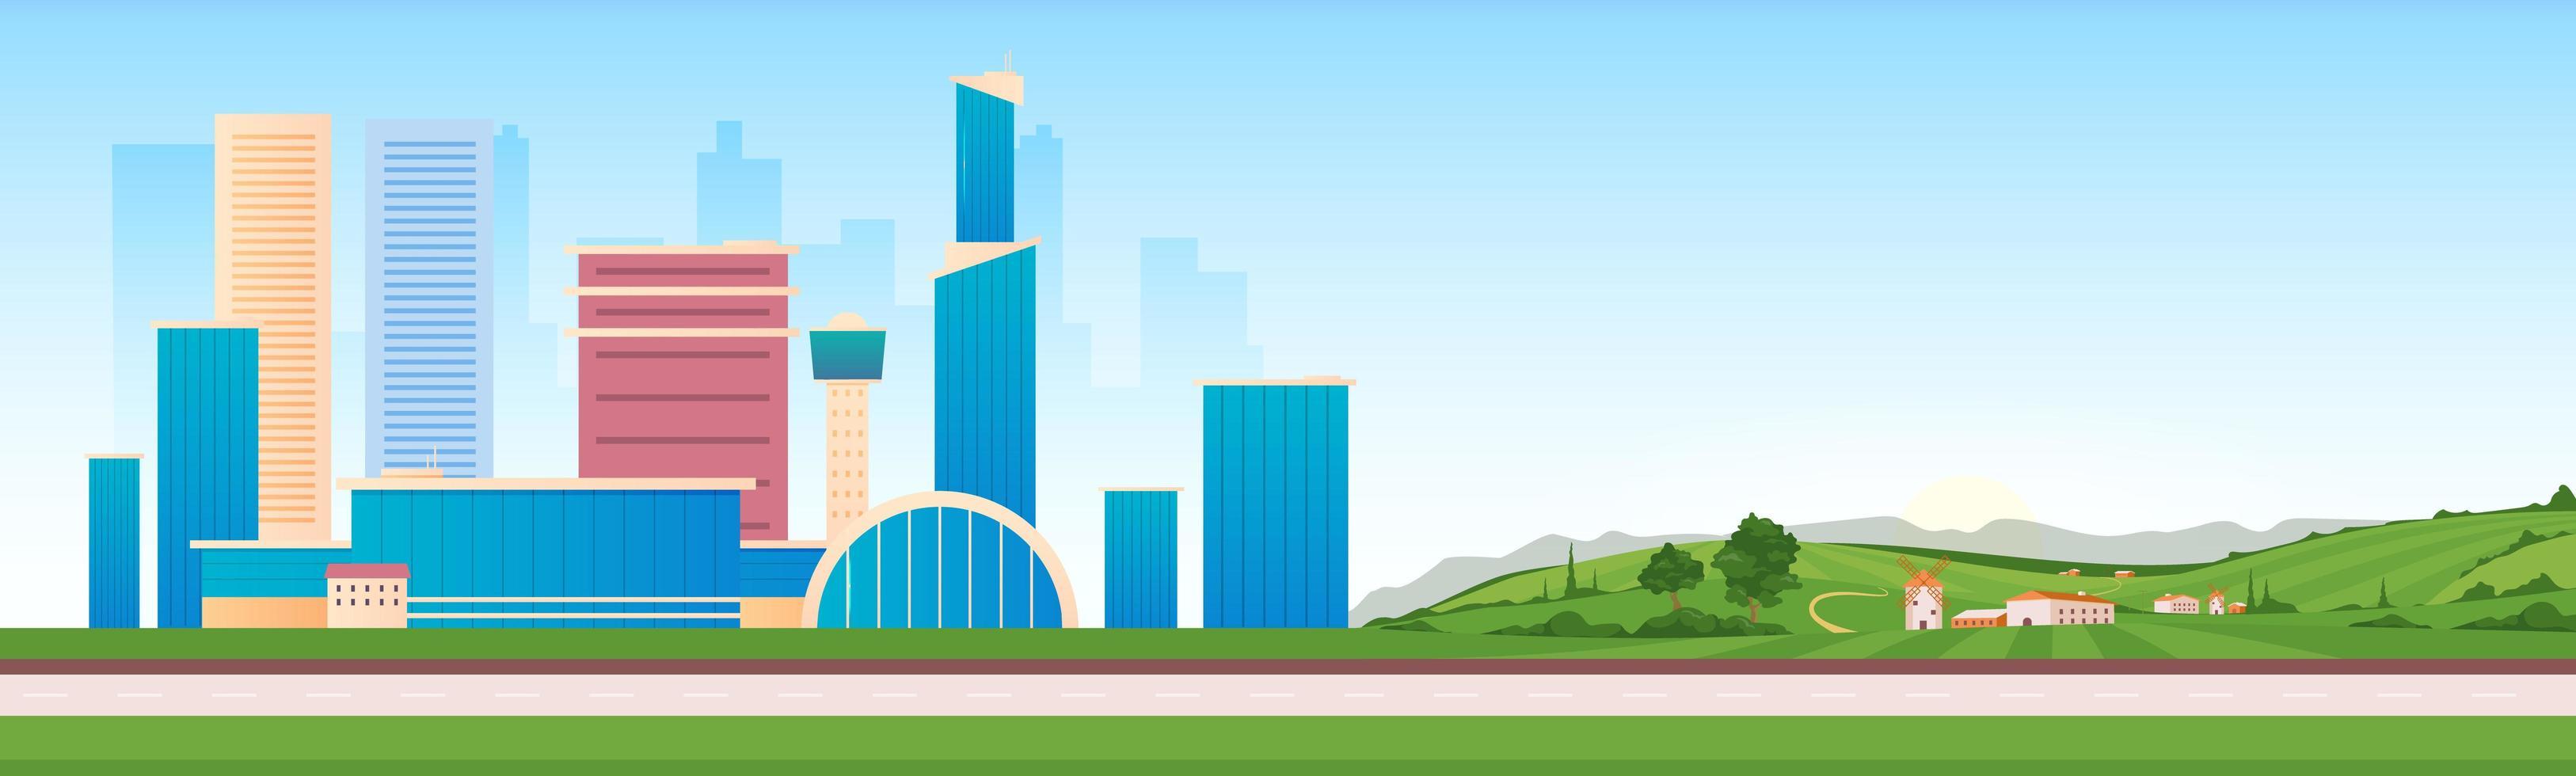 städtische und ländliche Gebiete vektor